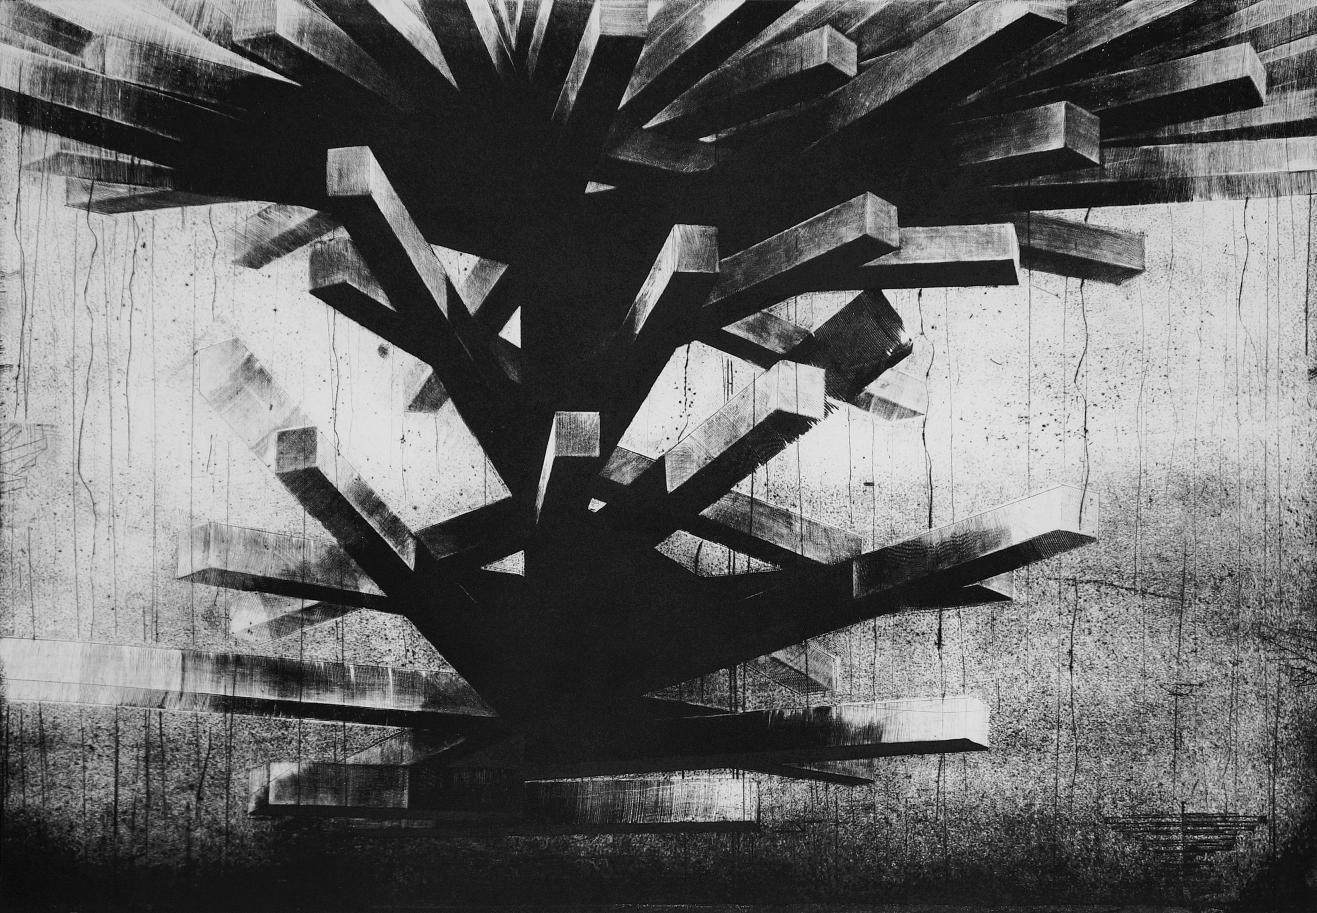 Perpetuum mobile: LXXXI (2015) - Tomasz Winiarski